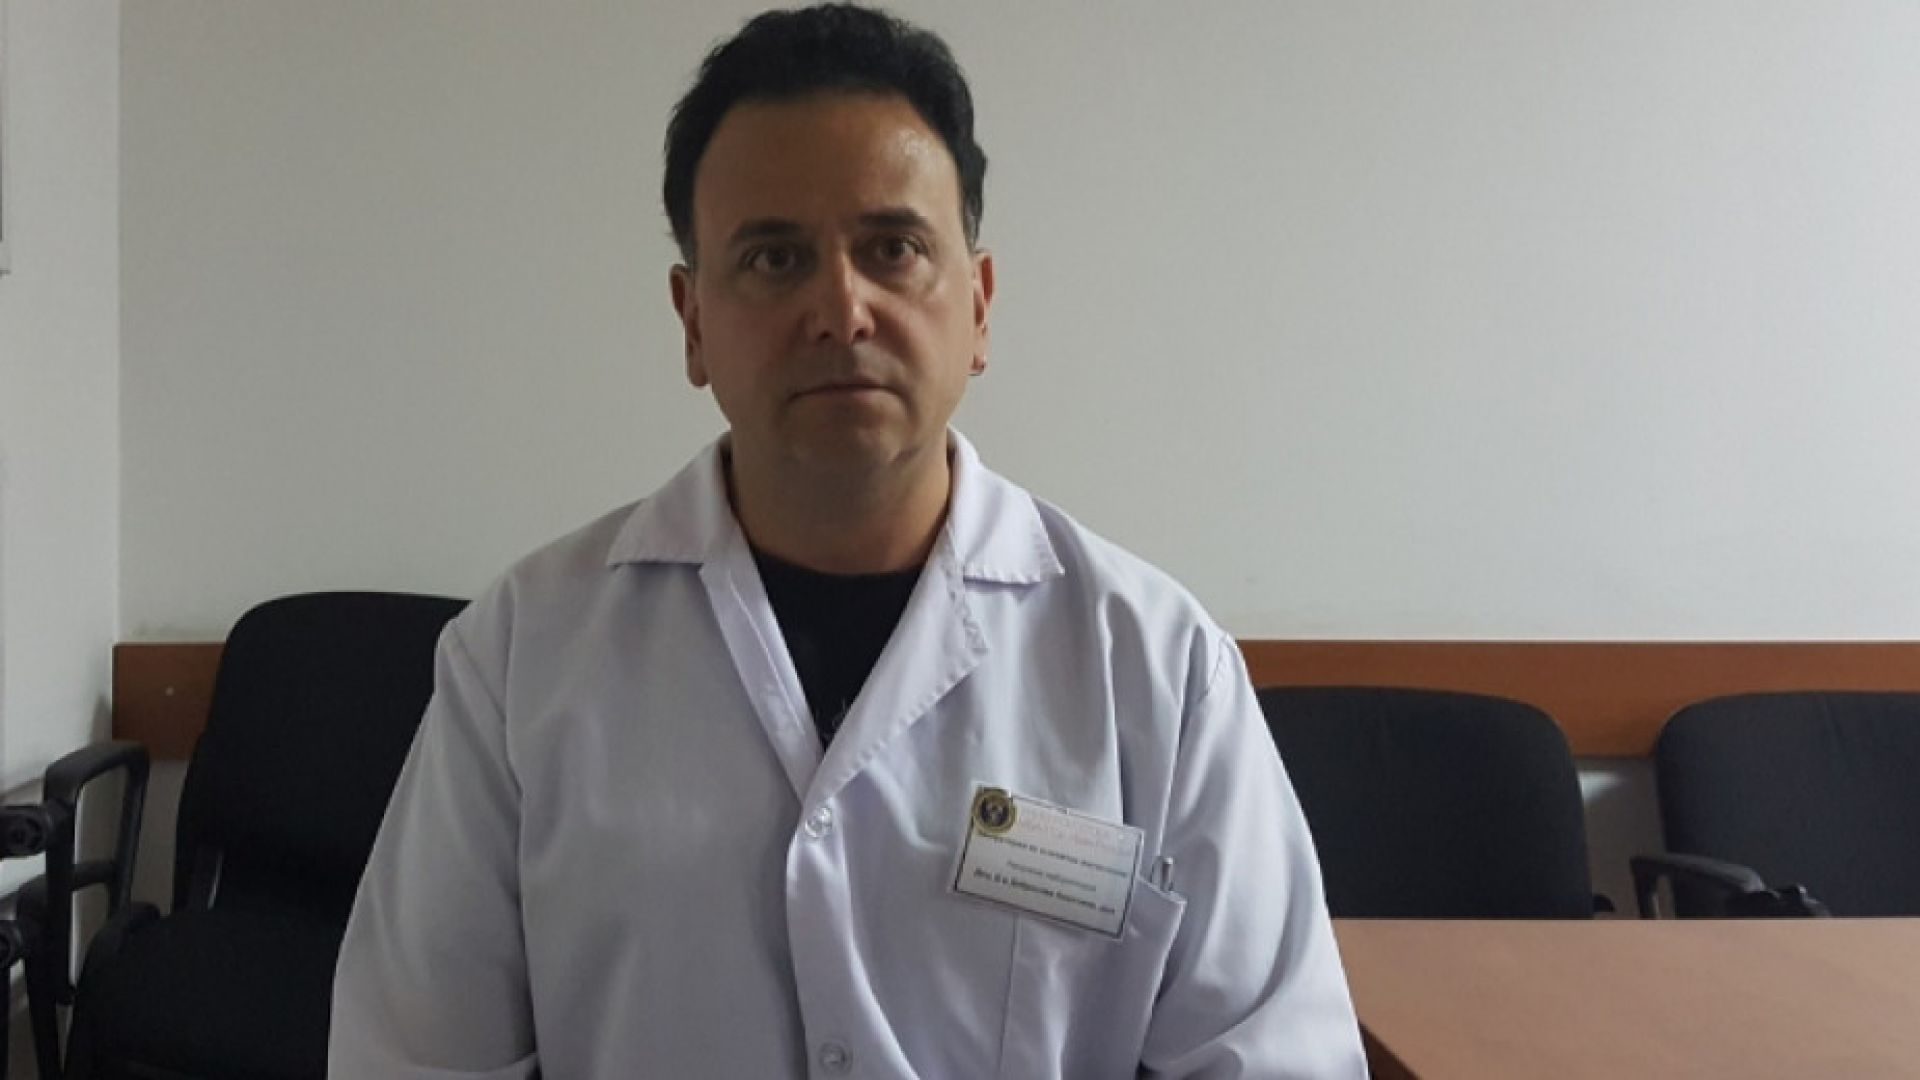 Проф. Доброслав Кюркчиев: Изкуственото повишаване на имунитета не е безобидно